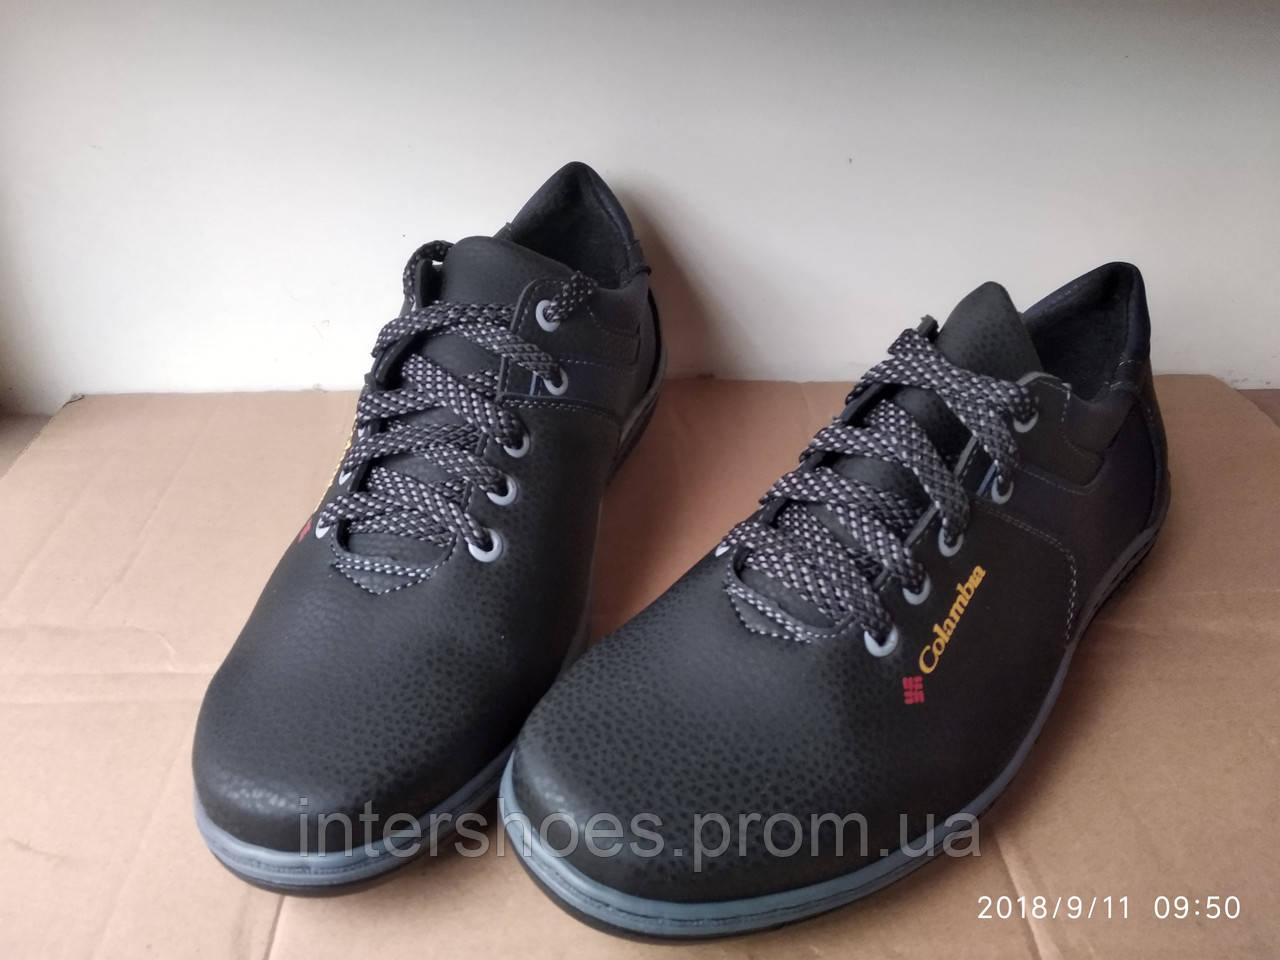 ec2a385a9656 Мужские туфли Columbia(реплика) (К-3), цена 350 грн., купить в ...